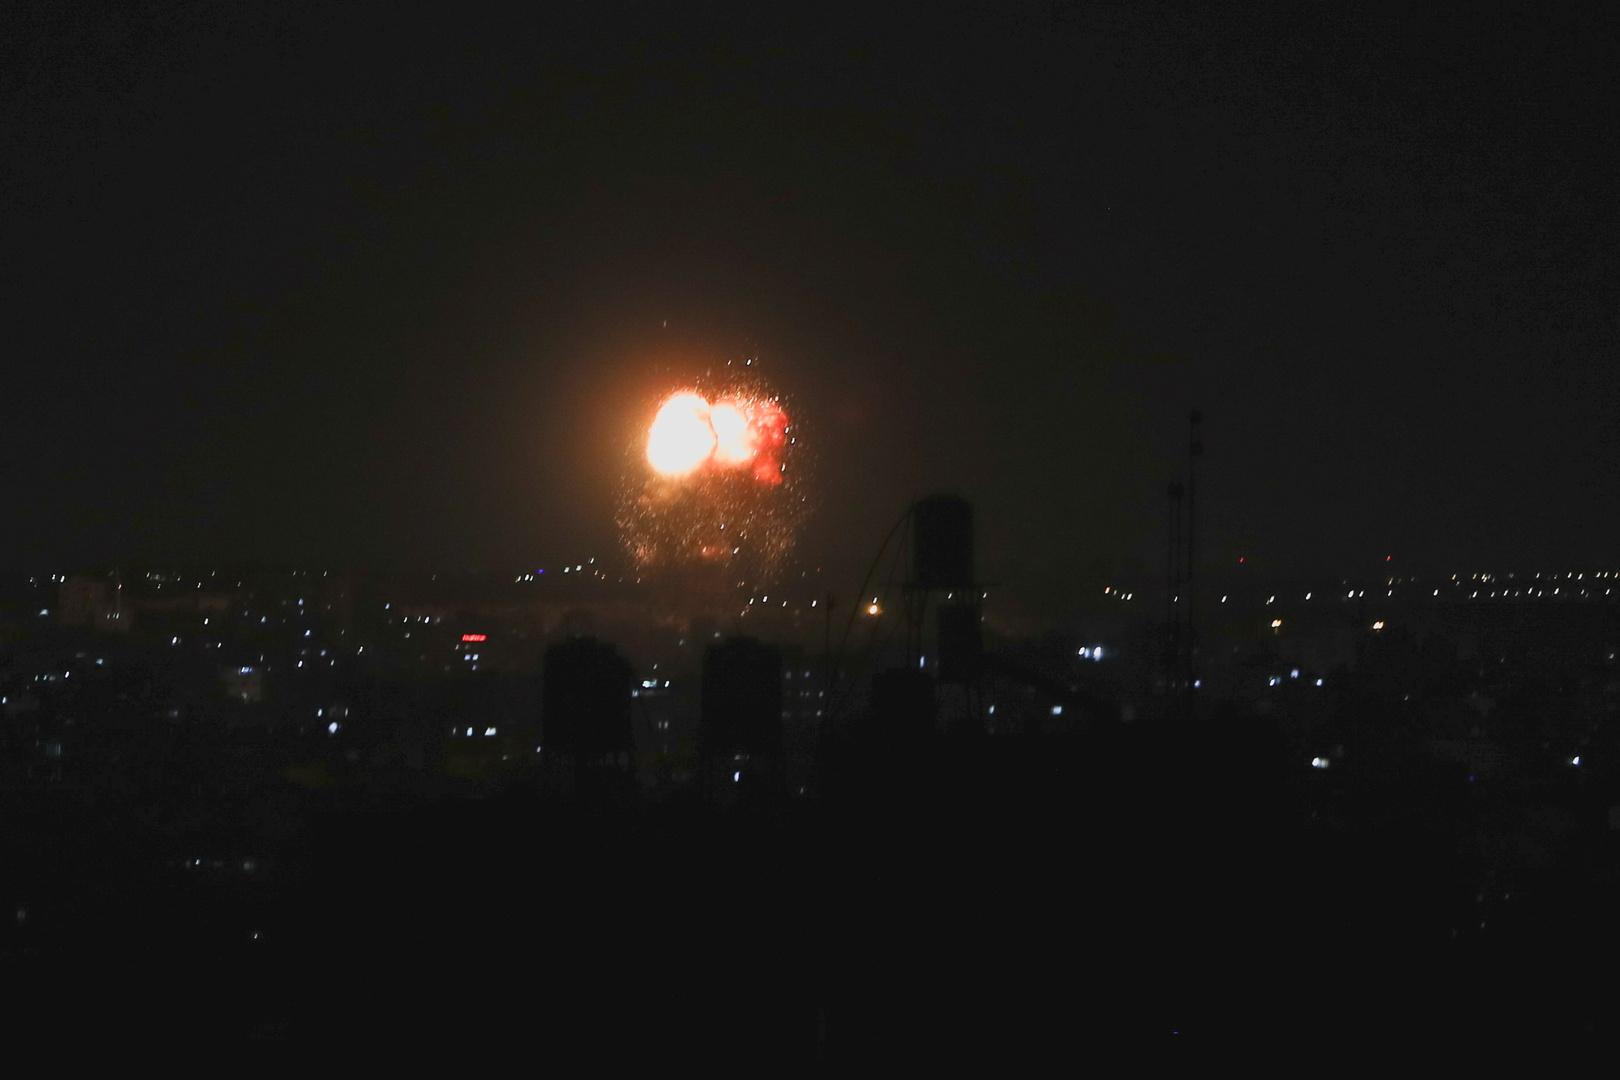 مراسلنا: الطائرات الحربية الإسرائيلية تشن غارات على قطاع غزة